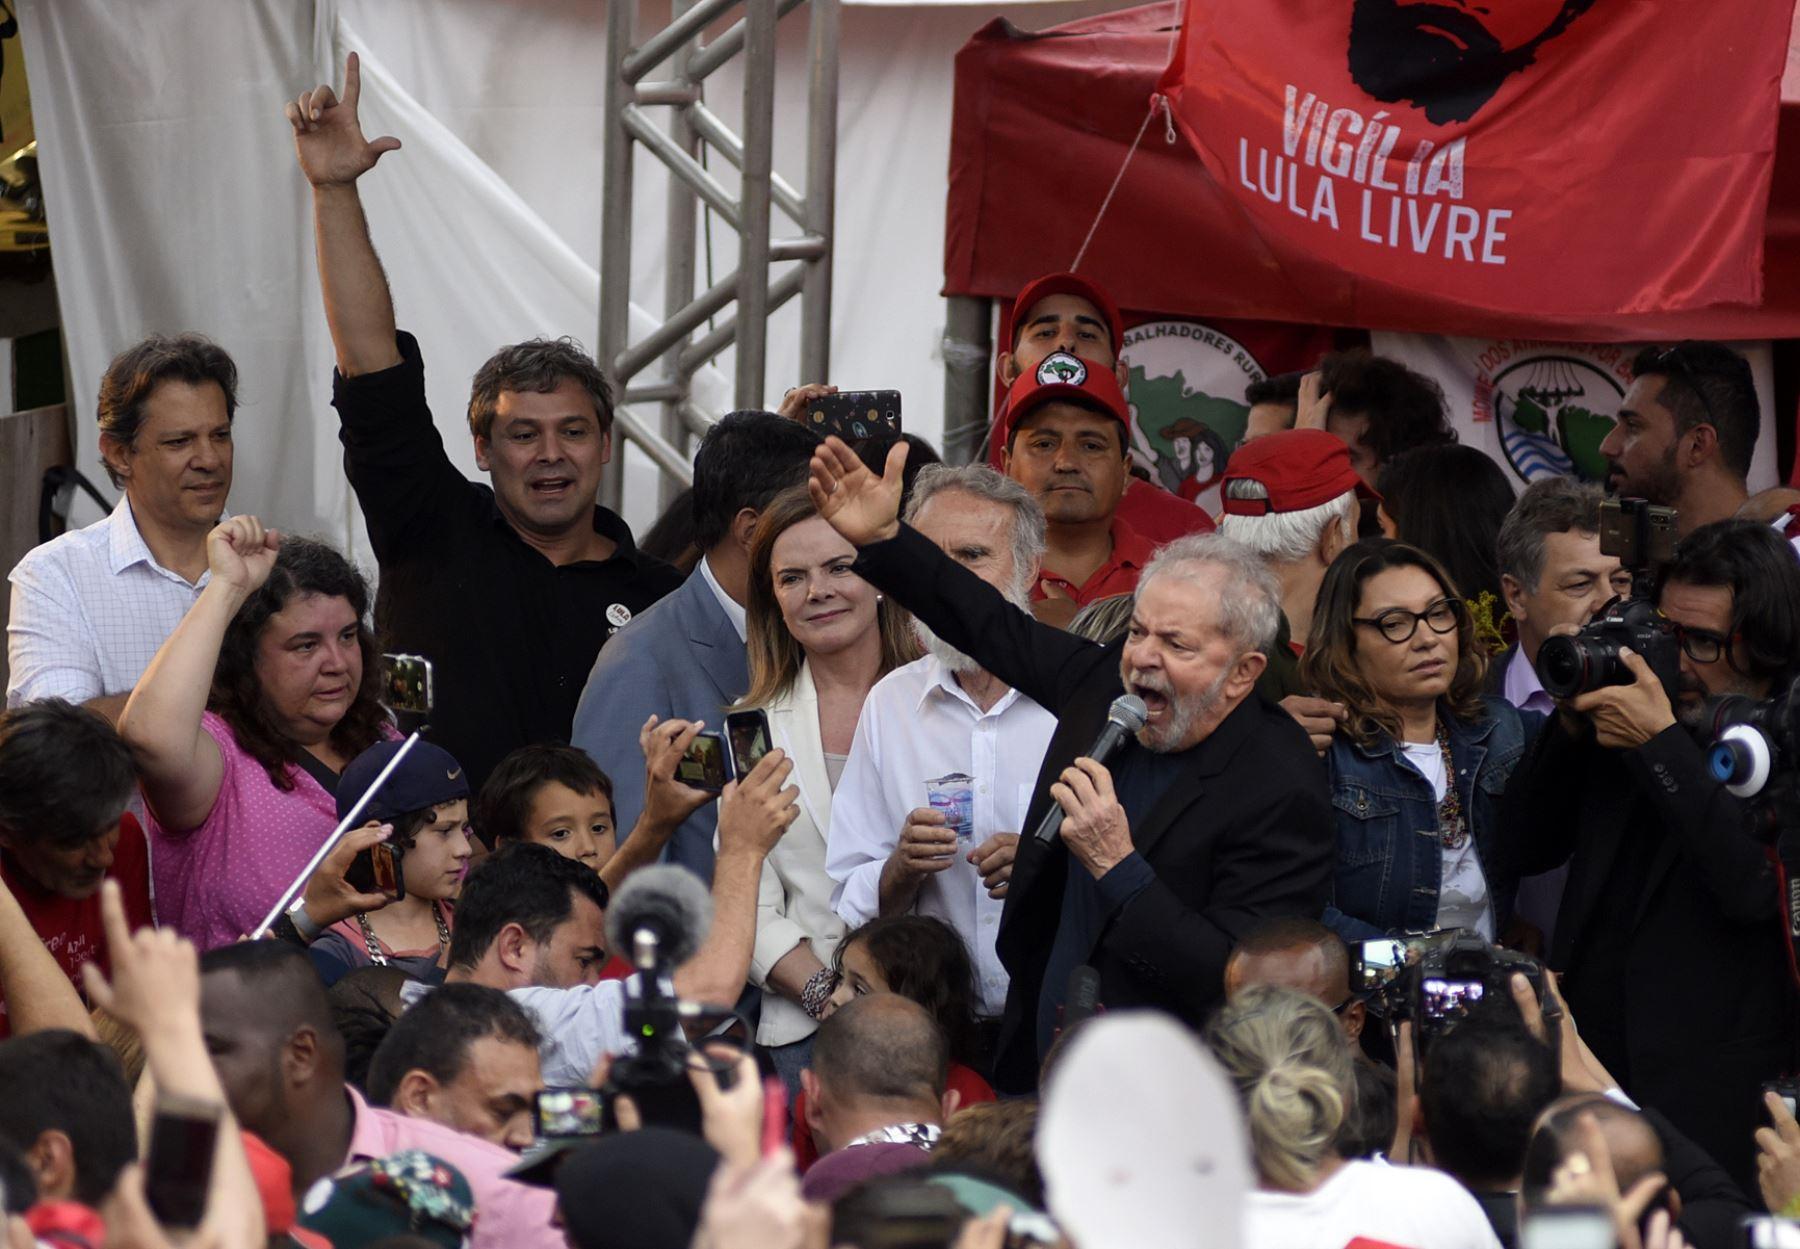 El expresidente brasileño, Luiz Inácio Lula da Silva, se dirige a sus seguidores al salir de de la sede de la Policía Federal, donde cumplía condena por 1 año y siete meses de prisión por caso de corrupción. Foto: AFP